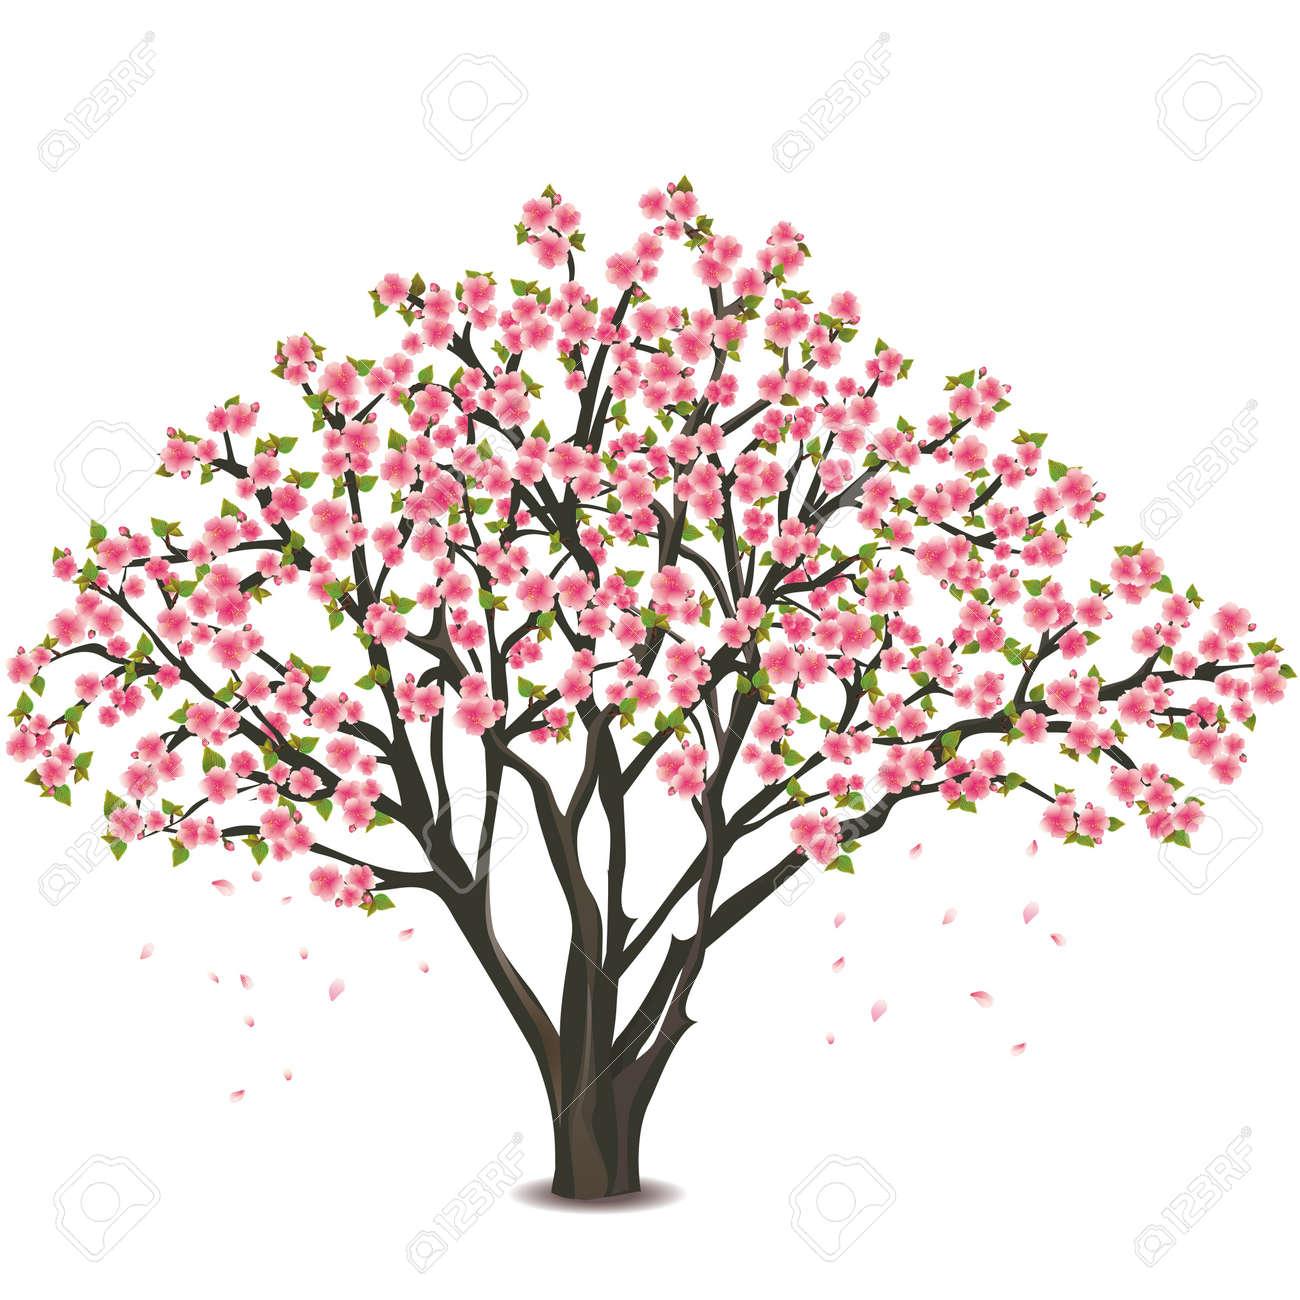 Arbol De Cerezo Japones sakura florecen - árbol de cerezo japonés, aislado en fondo blanco